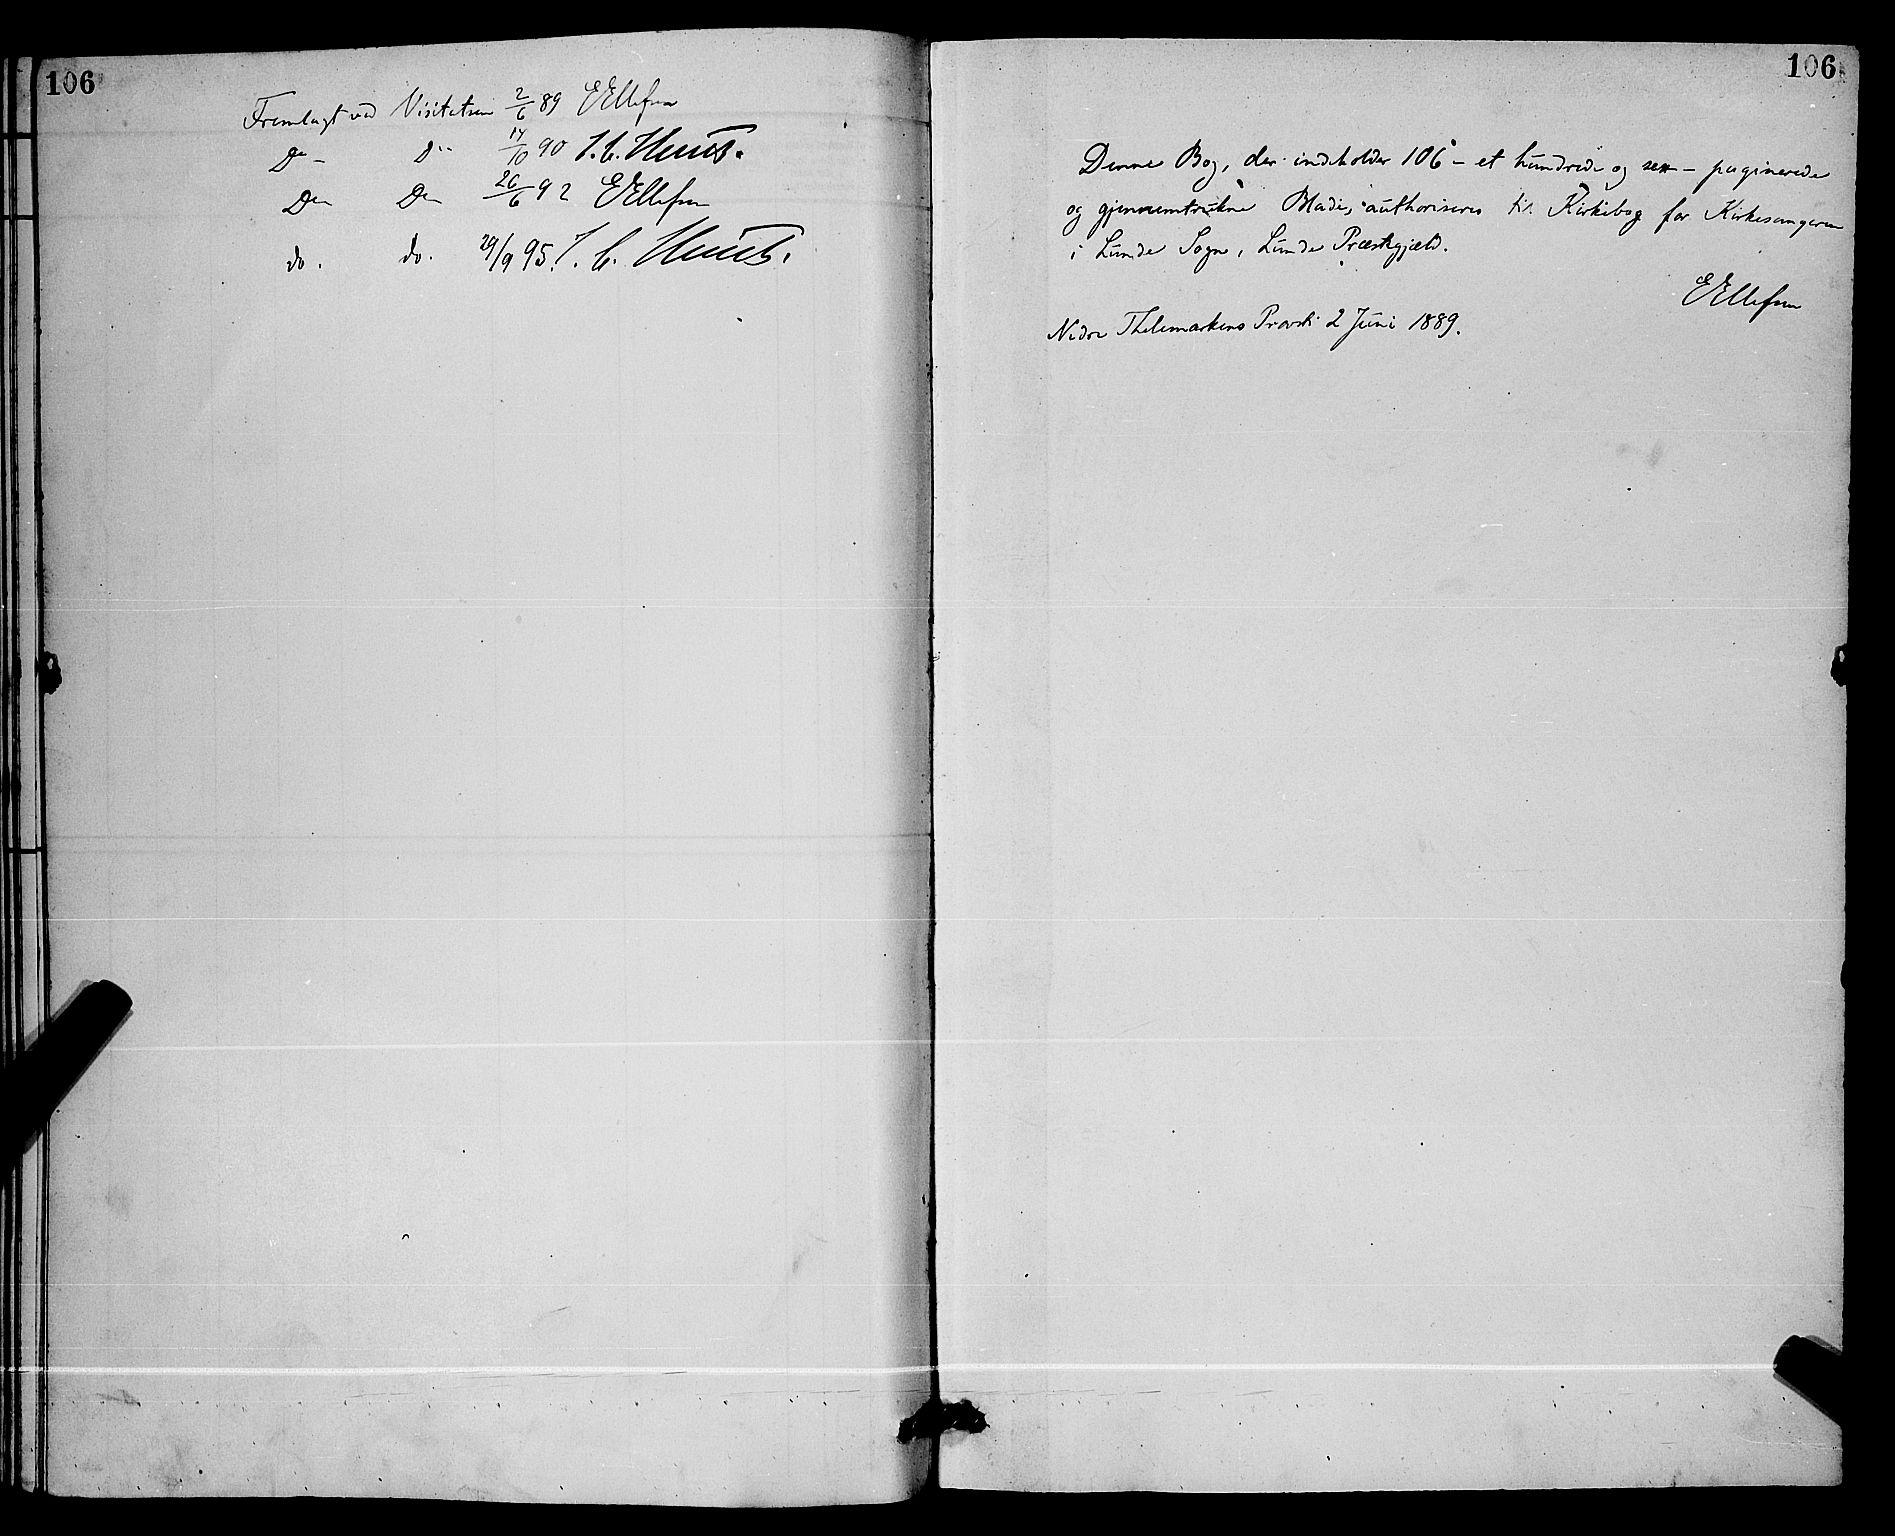 SAKO, Lunde kirkebøker, G/Ga/L0002: Klokkerbok nr. I 2, 1887-1896, s. 106